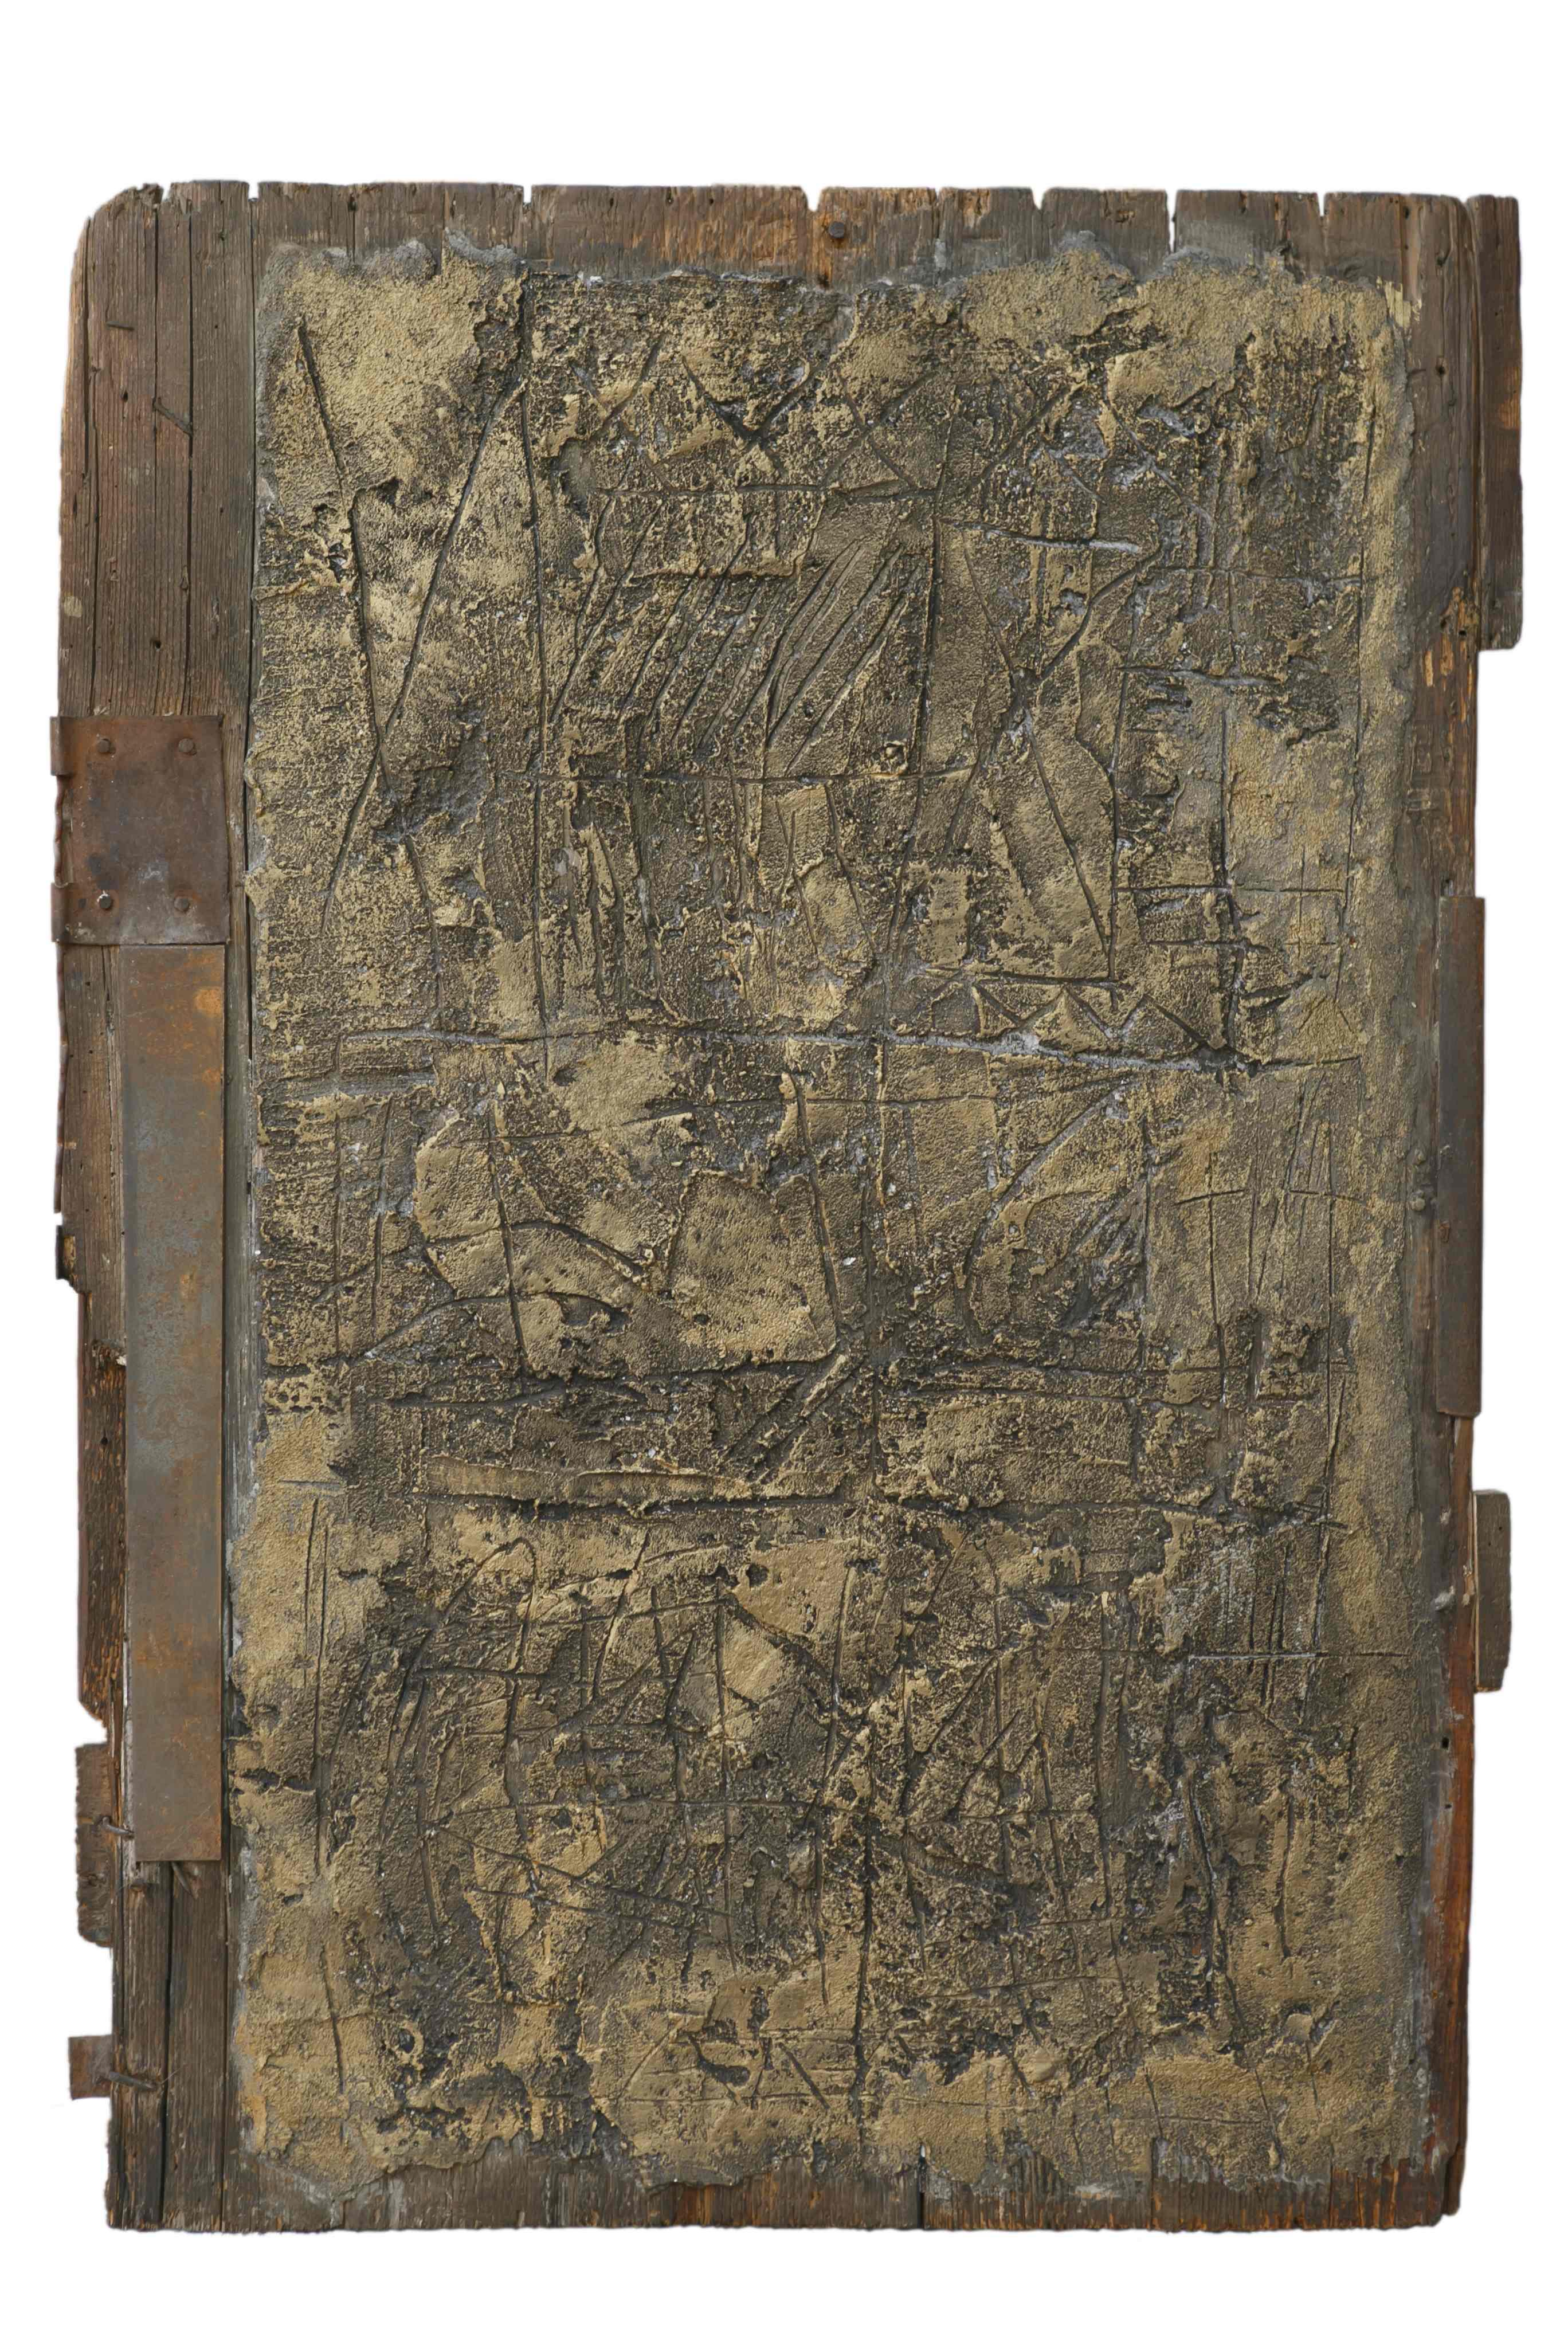 Viaggio nel tempo, tecnica mista ferro su tavola antica, 70x50, 2010